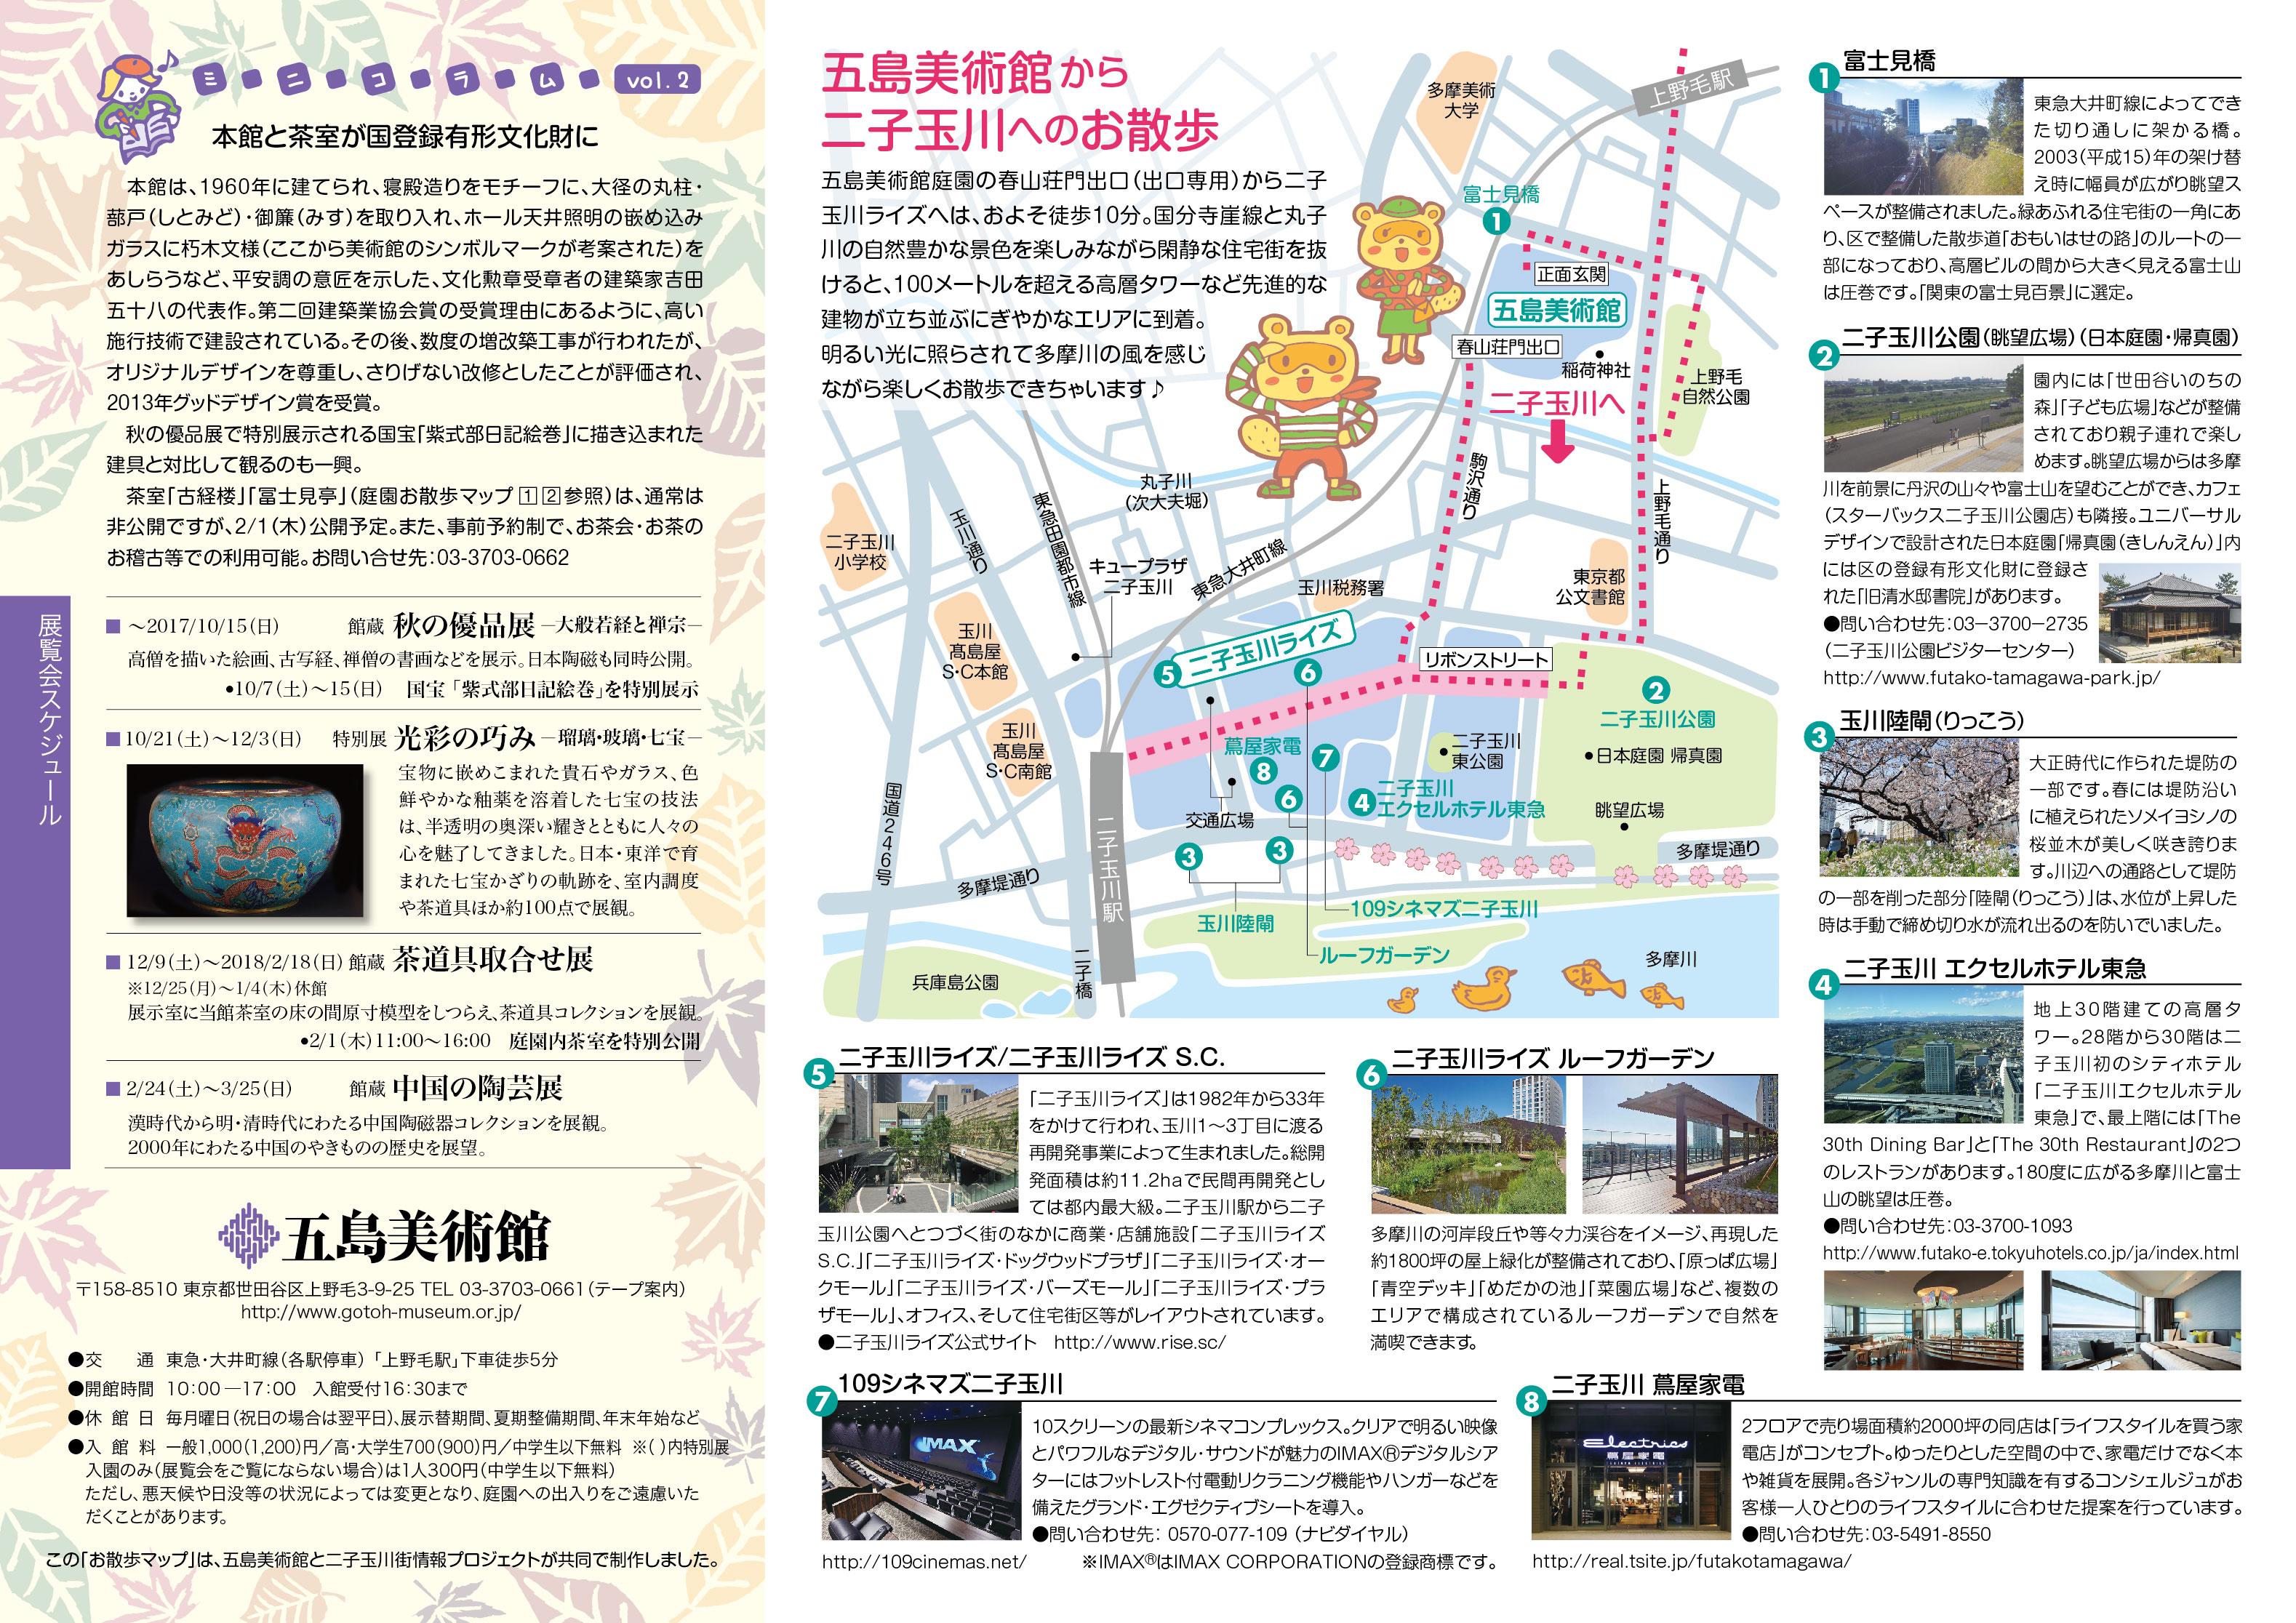 二子玉川から五島美術館までのお散歩マップ